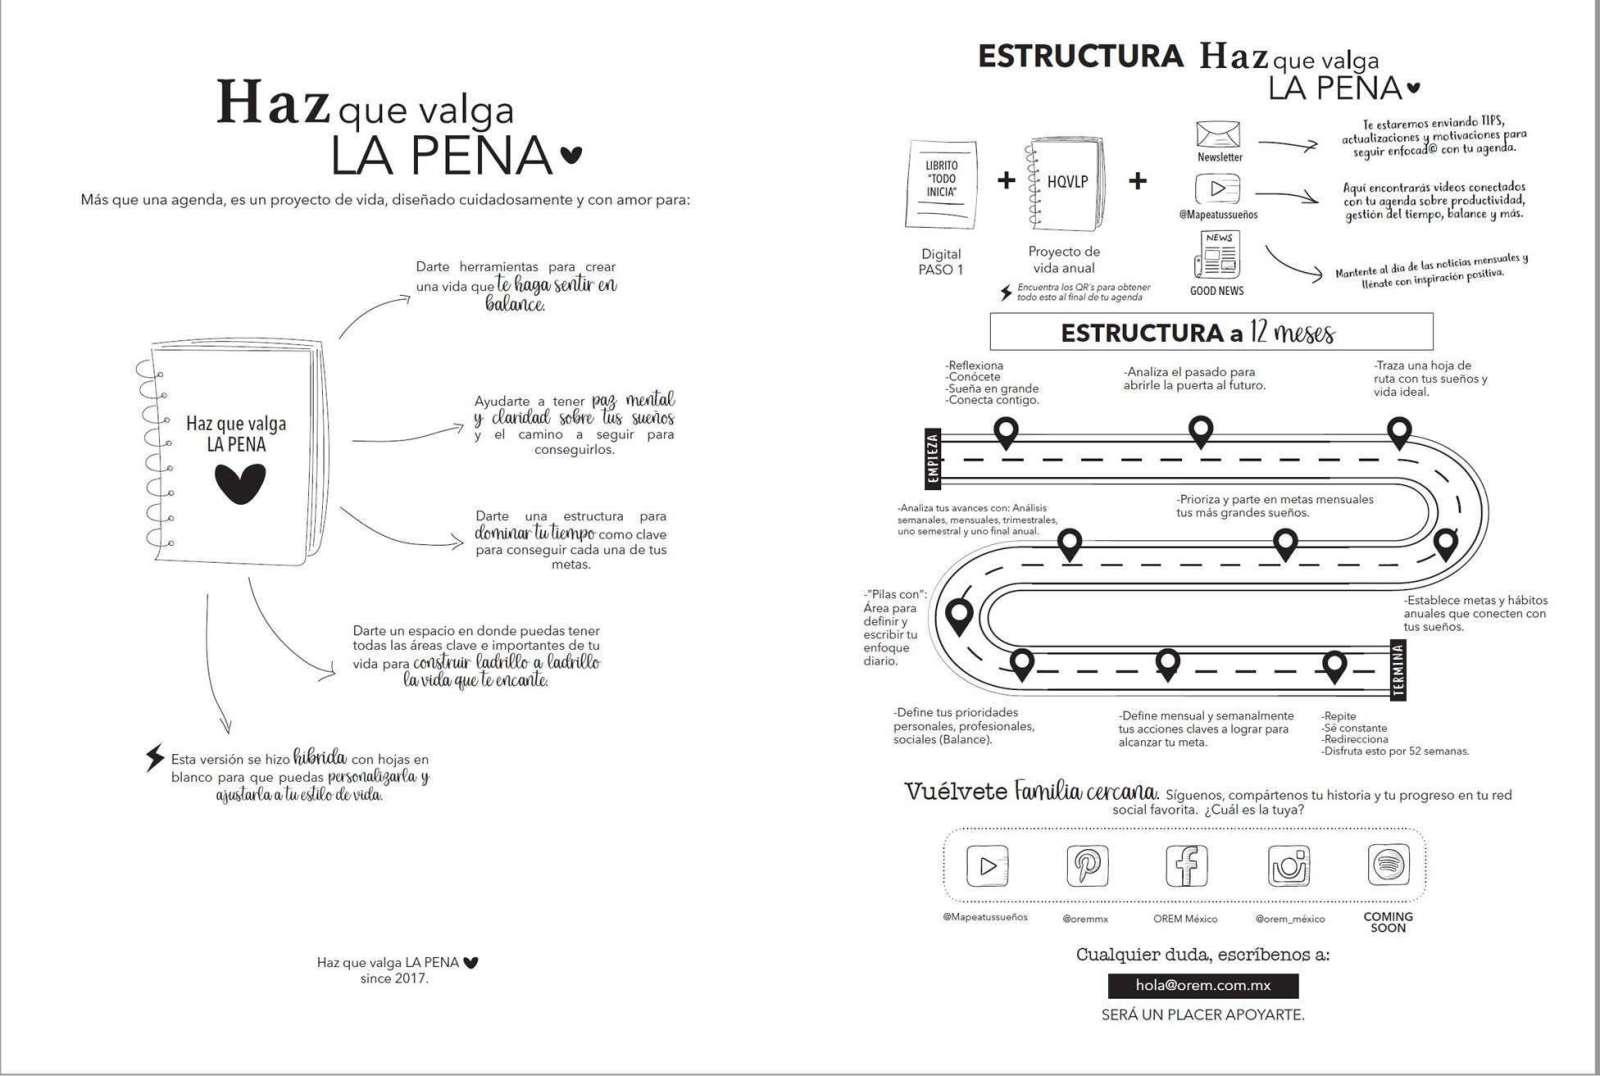 Estructura de la agenda perpetua